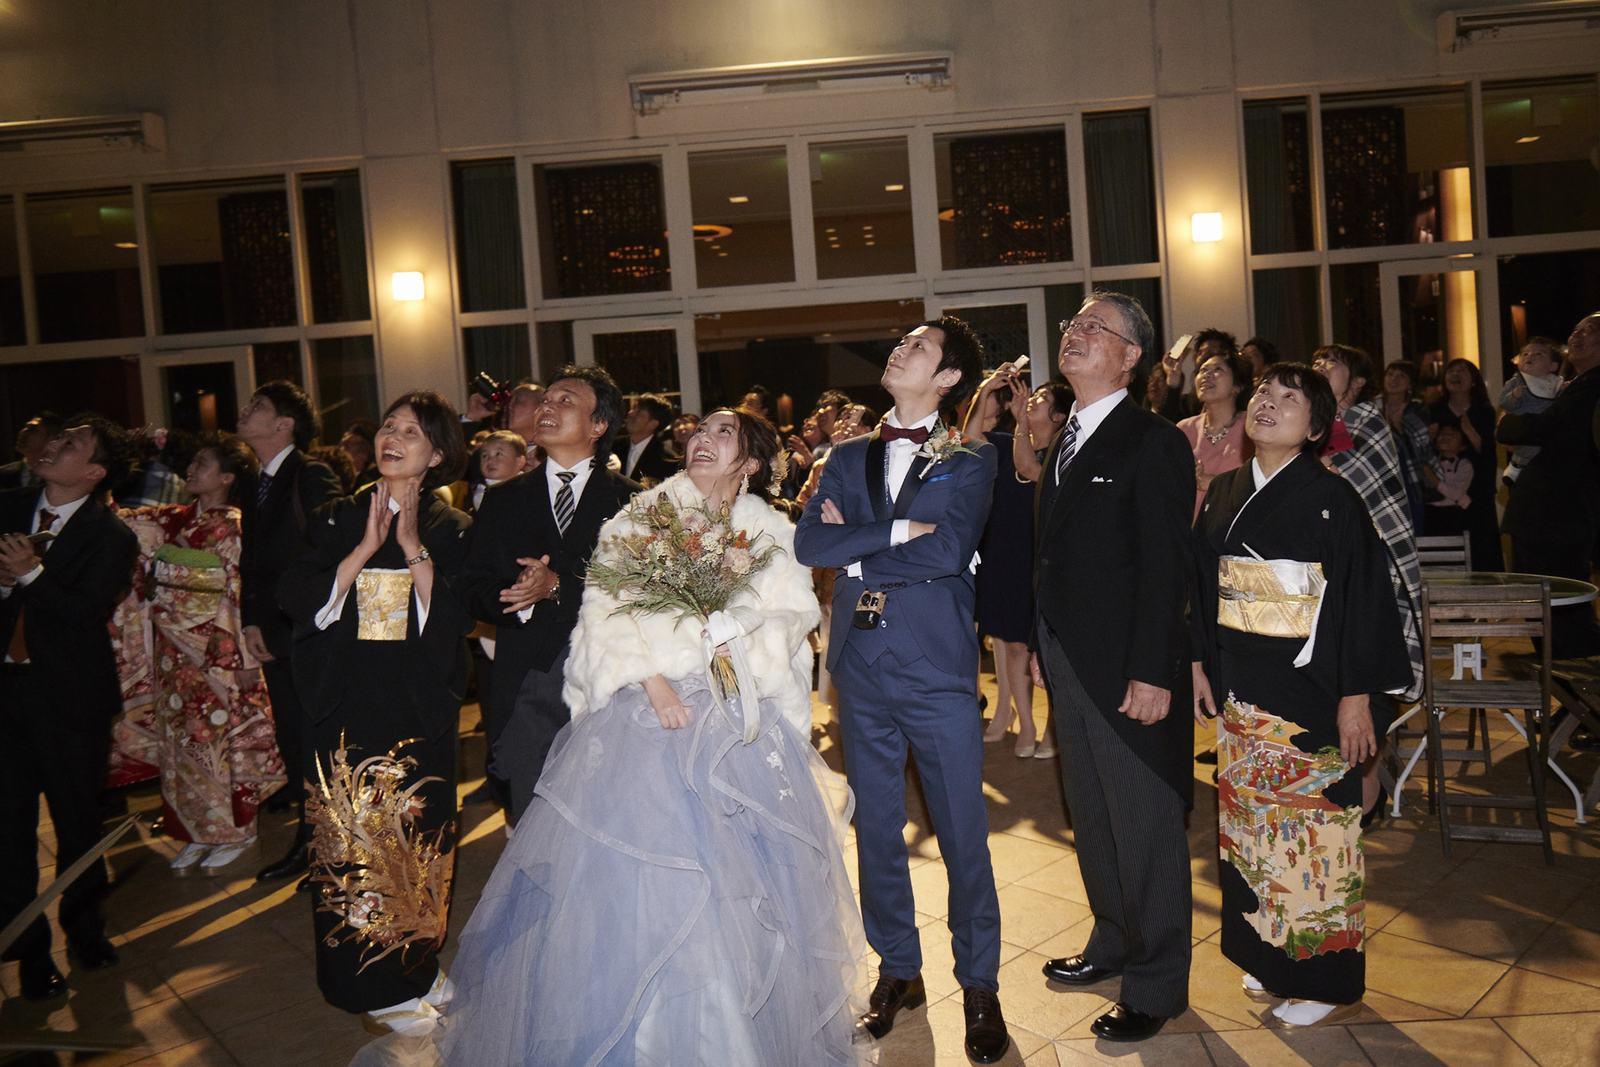 徳島県の結婚式場ブランアンジュで花火を楽しむ新郎新婦とゲスト